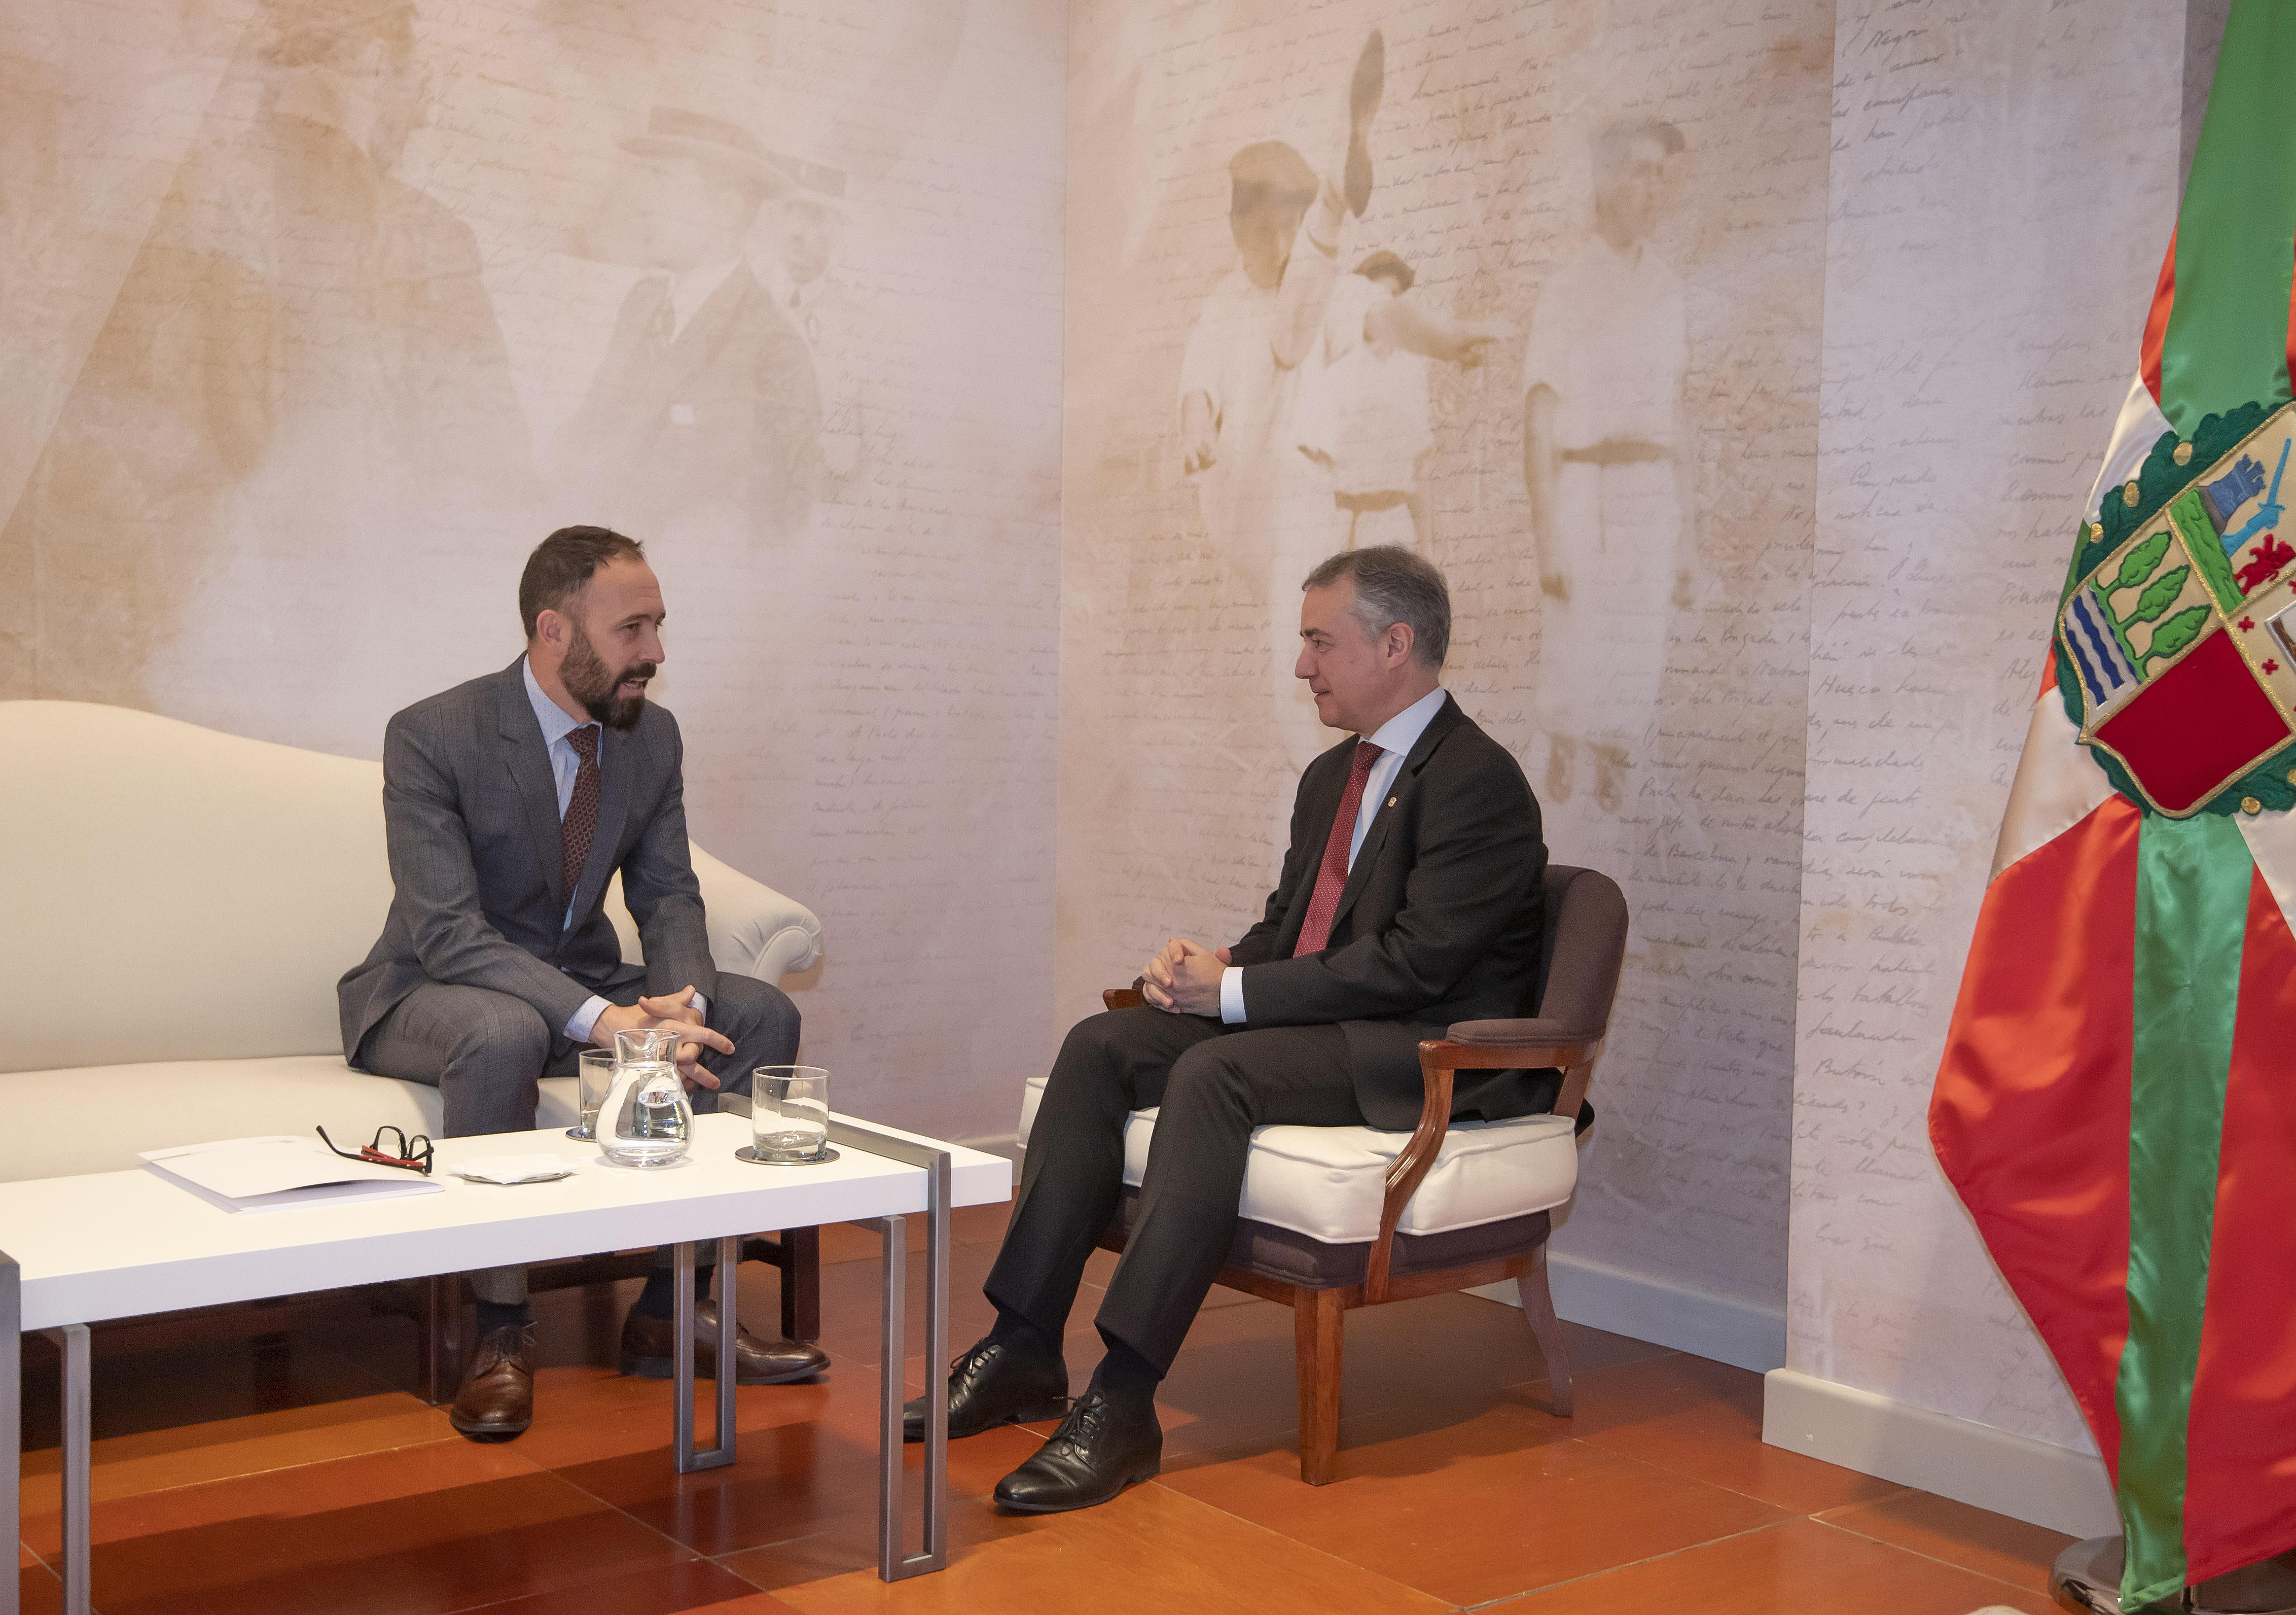 El Lehendakari recibe al nuevo Delegado del Gobierno español en Euskadi, Denis Itxaso